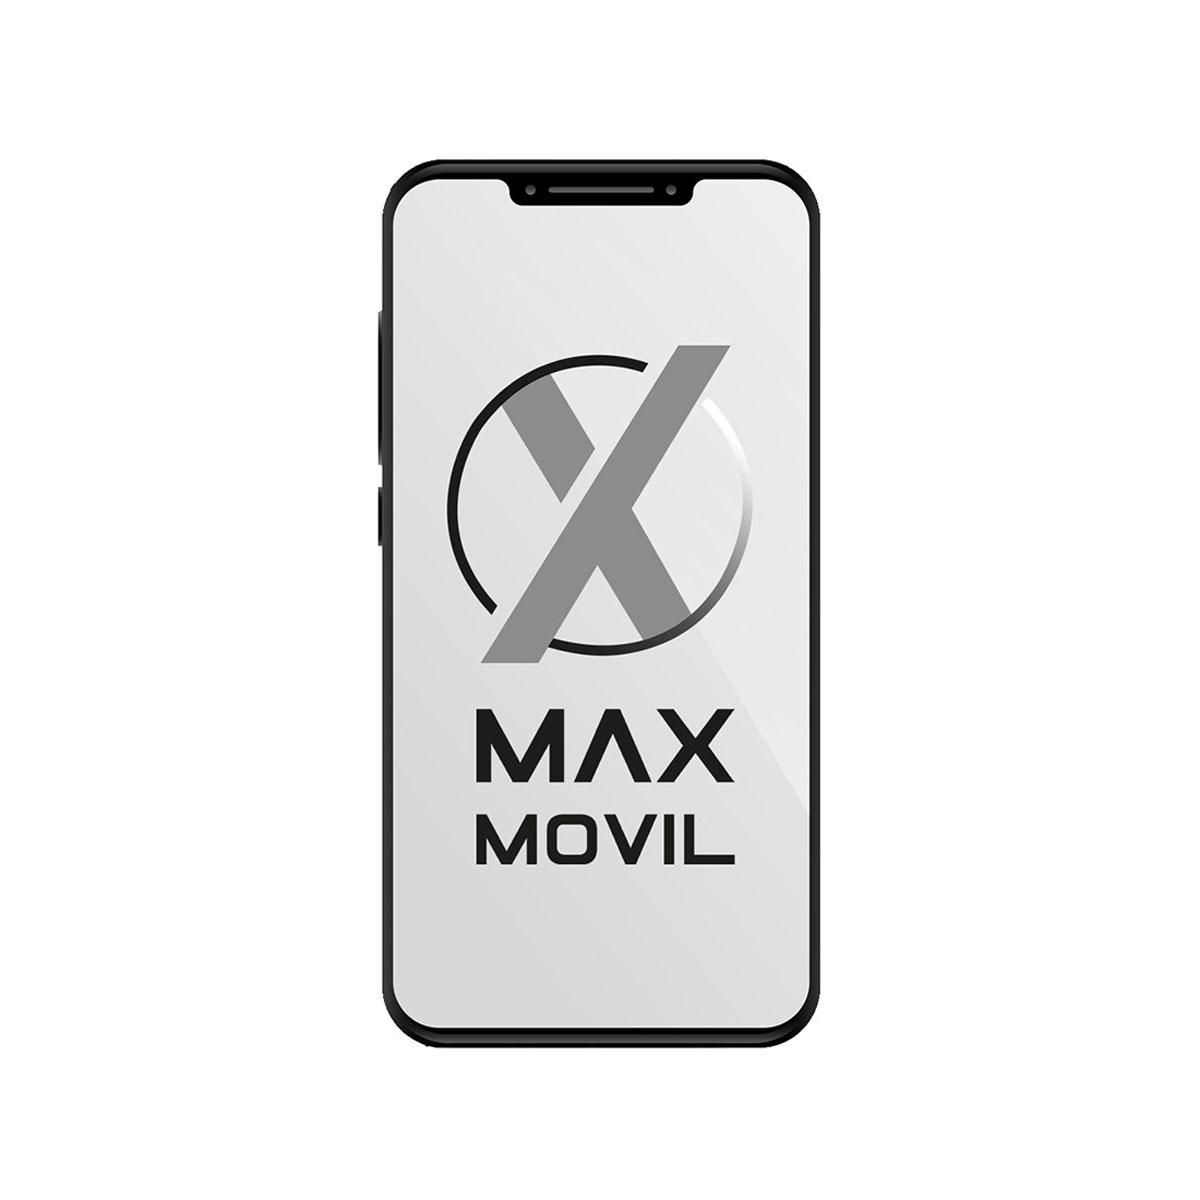 Funda con teclado Bluetooth blanca para iPhone 4 y 4S